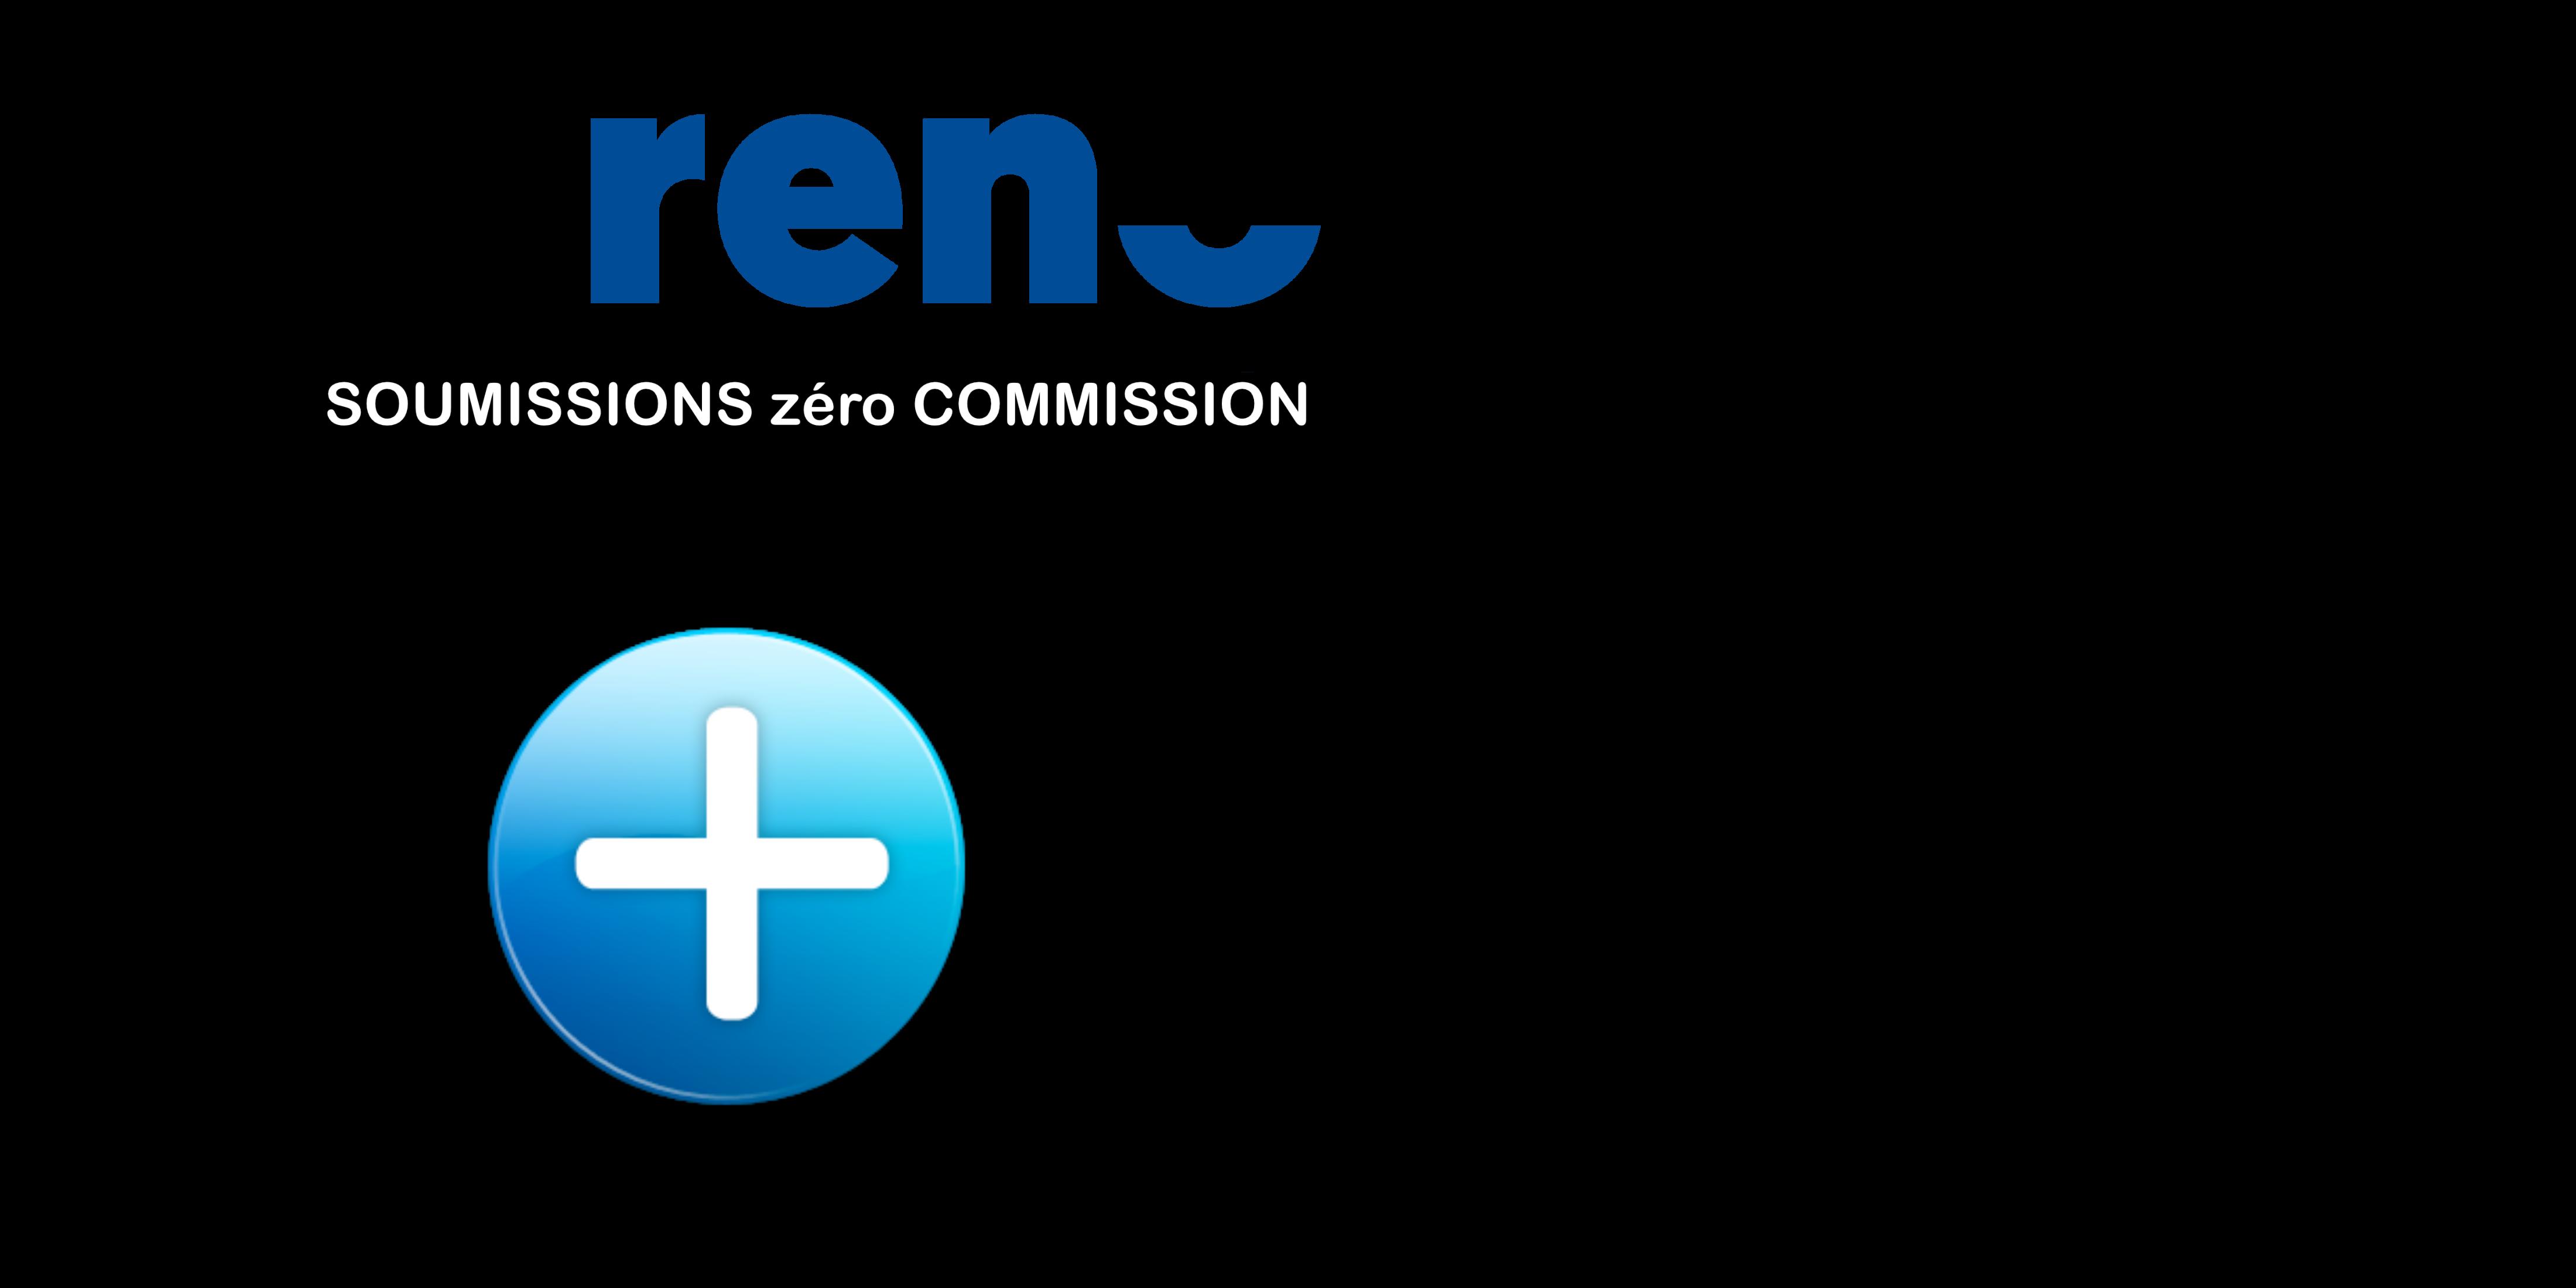 JACK STAFF - Exclusif à la construction